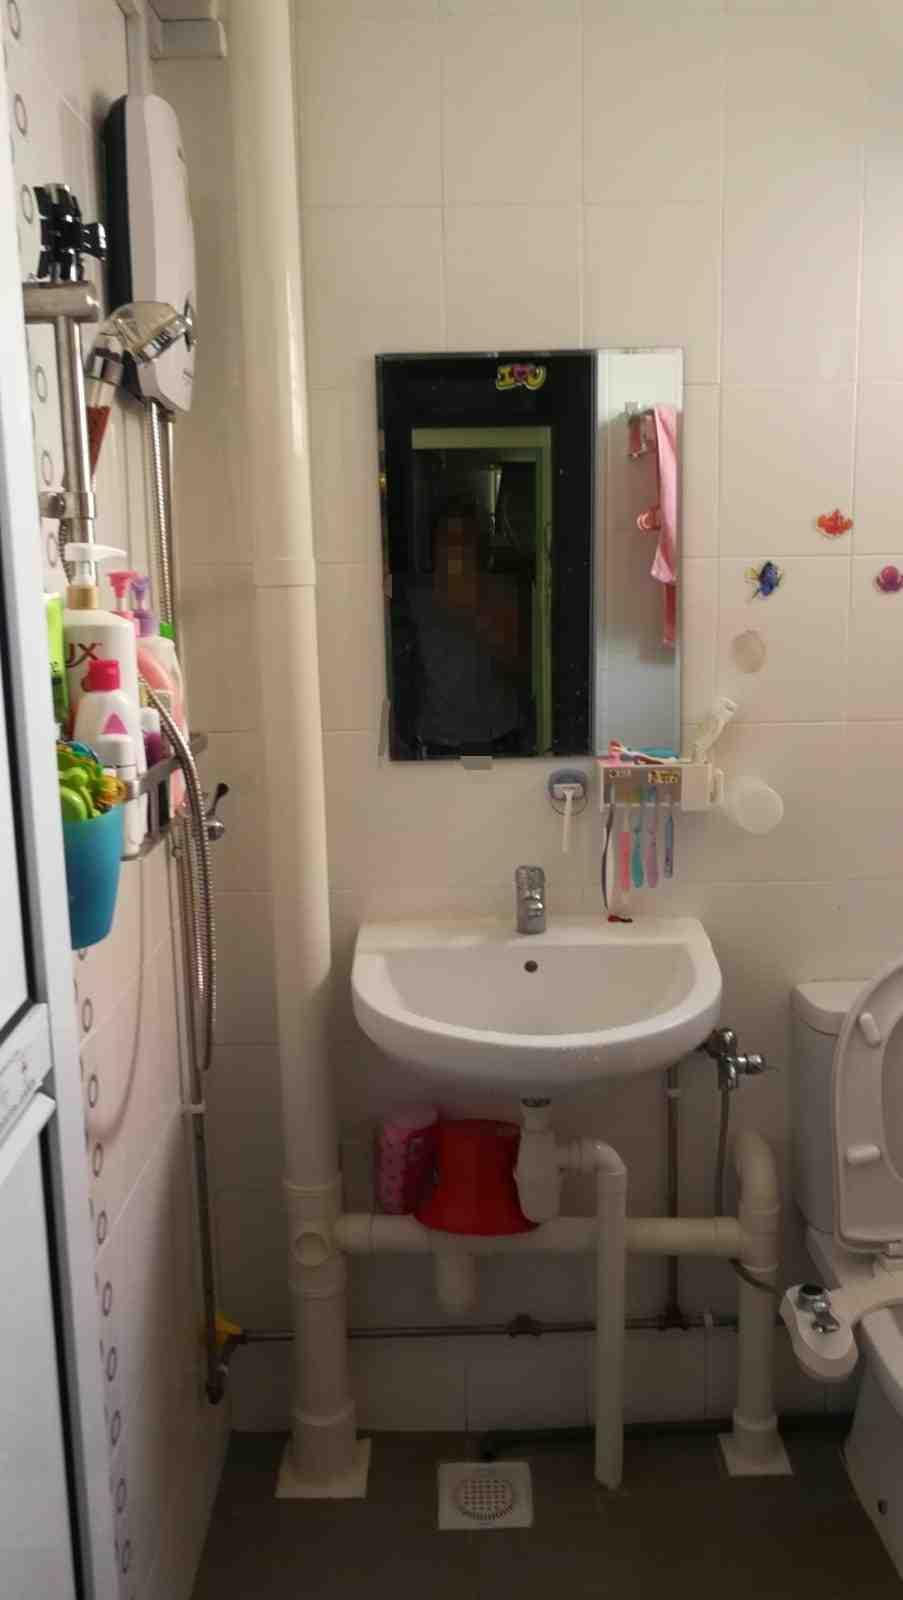 156 amk toilet